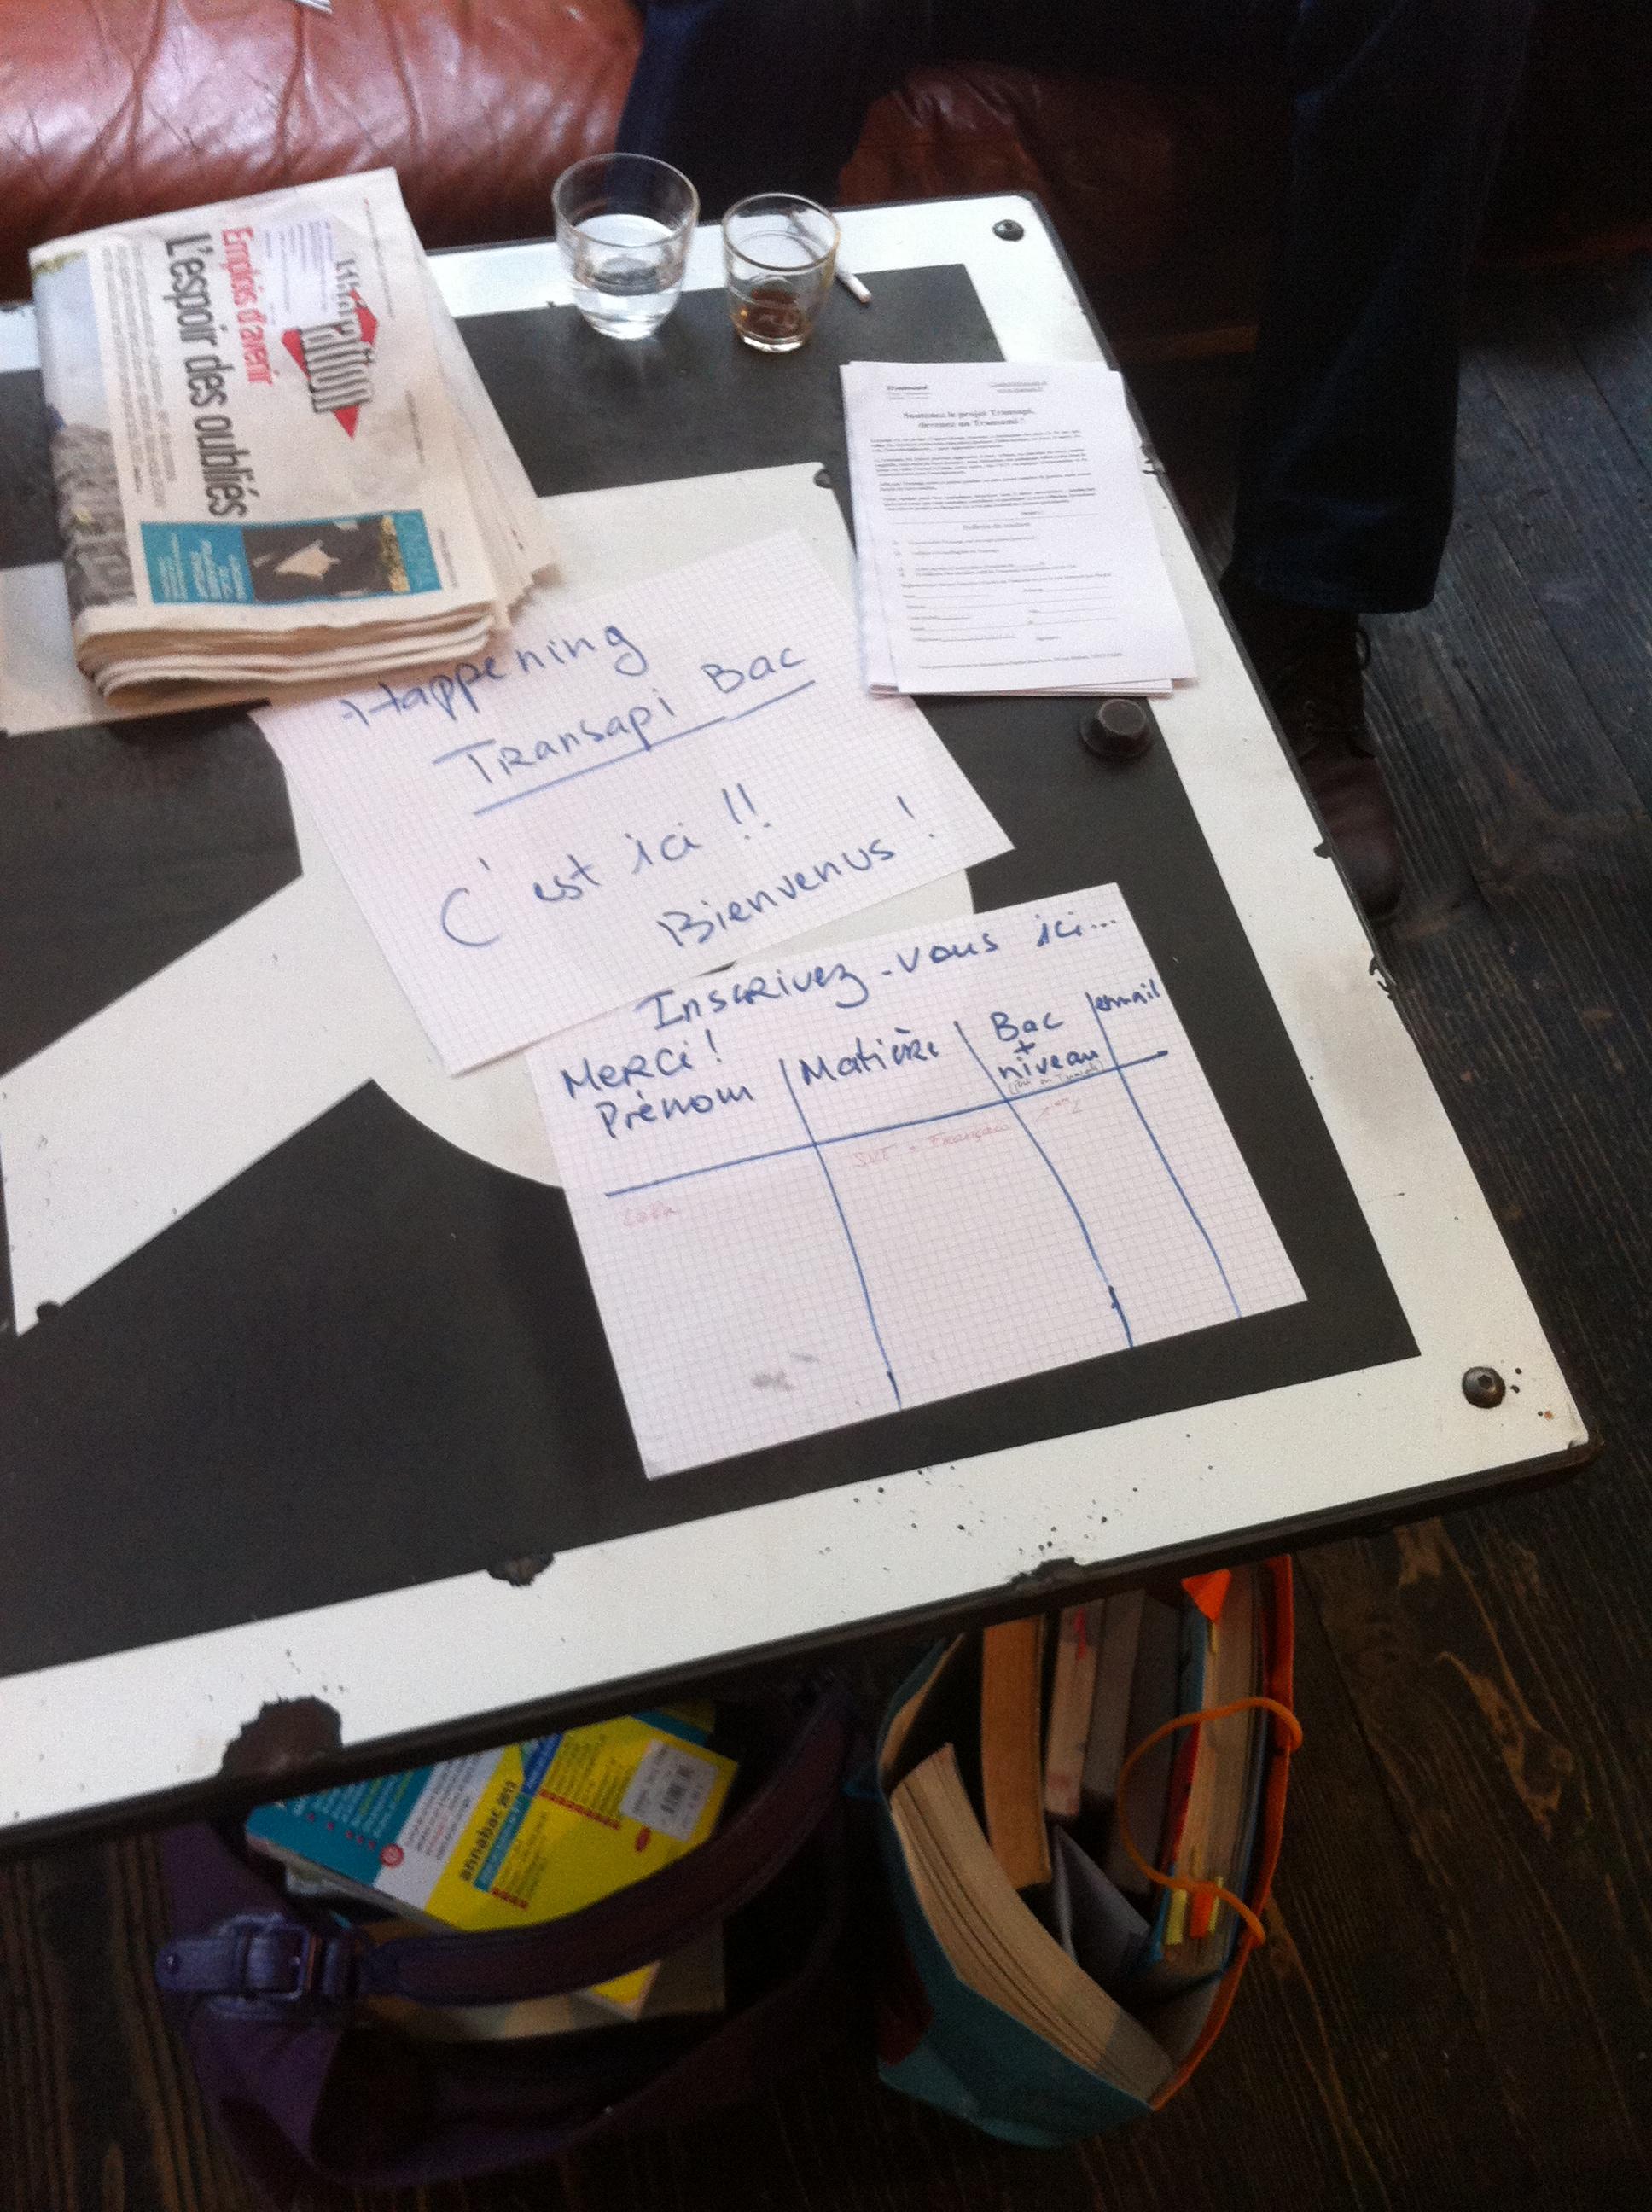 Feuille d'inscription pour le Transapi Bac écrit